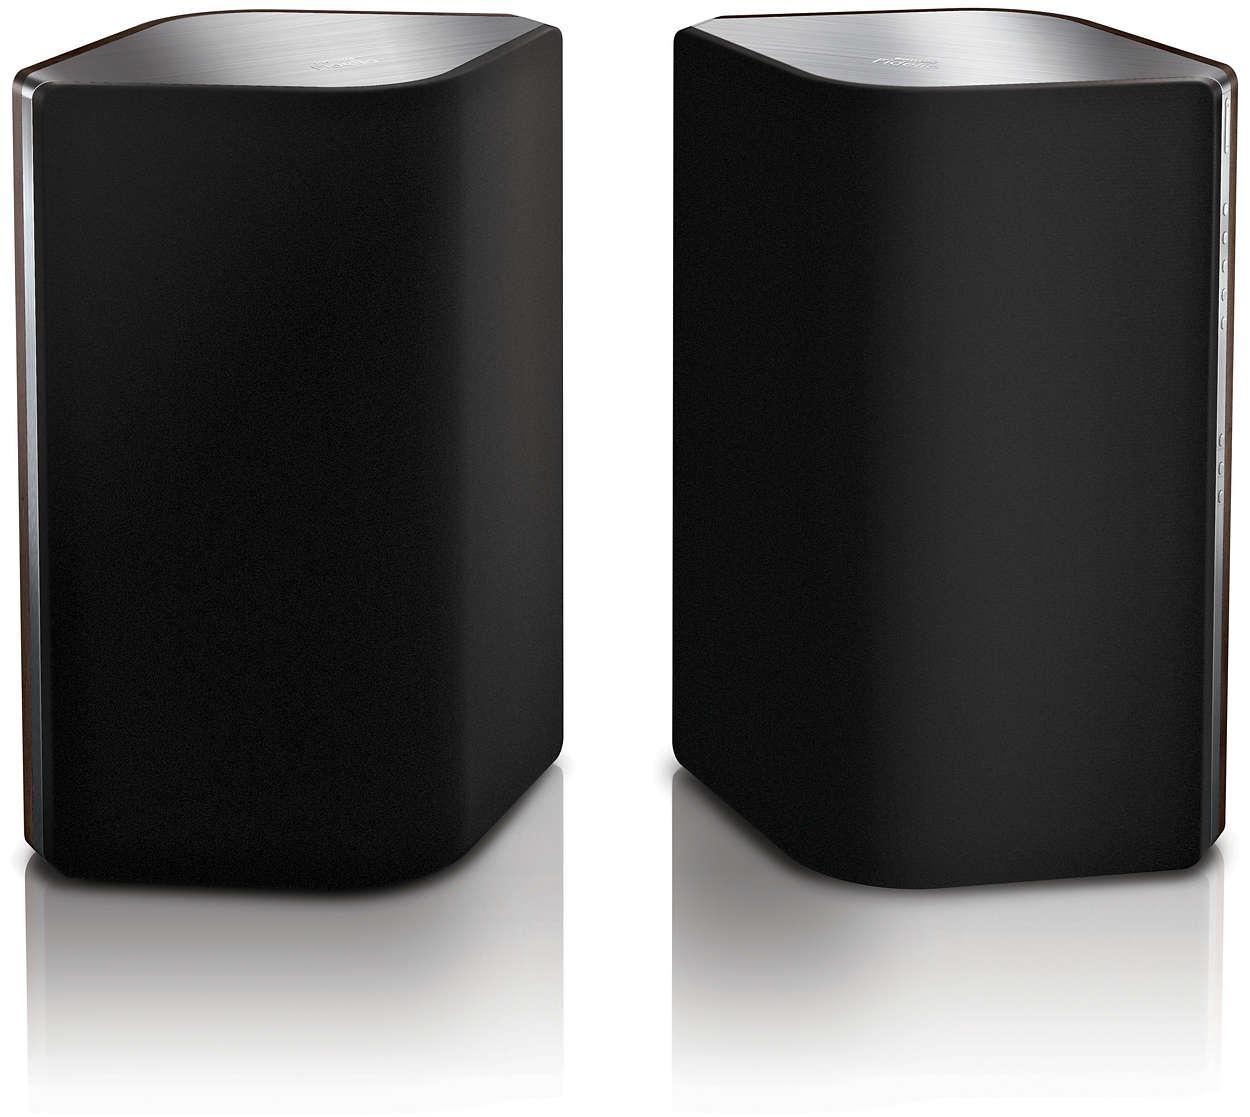 wireless hifi lautsprecher a9 stereo boxen aw9000 10. Black Bedroom Furniture Sets. Home Design Ideas